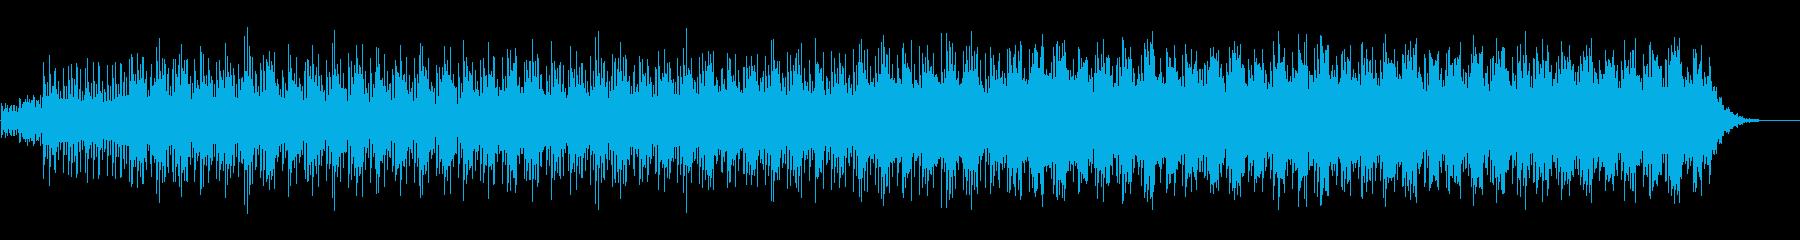 幻想的で優しいヒーリング系のアンビエントの再生済みの波形